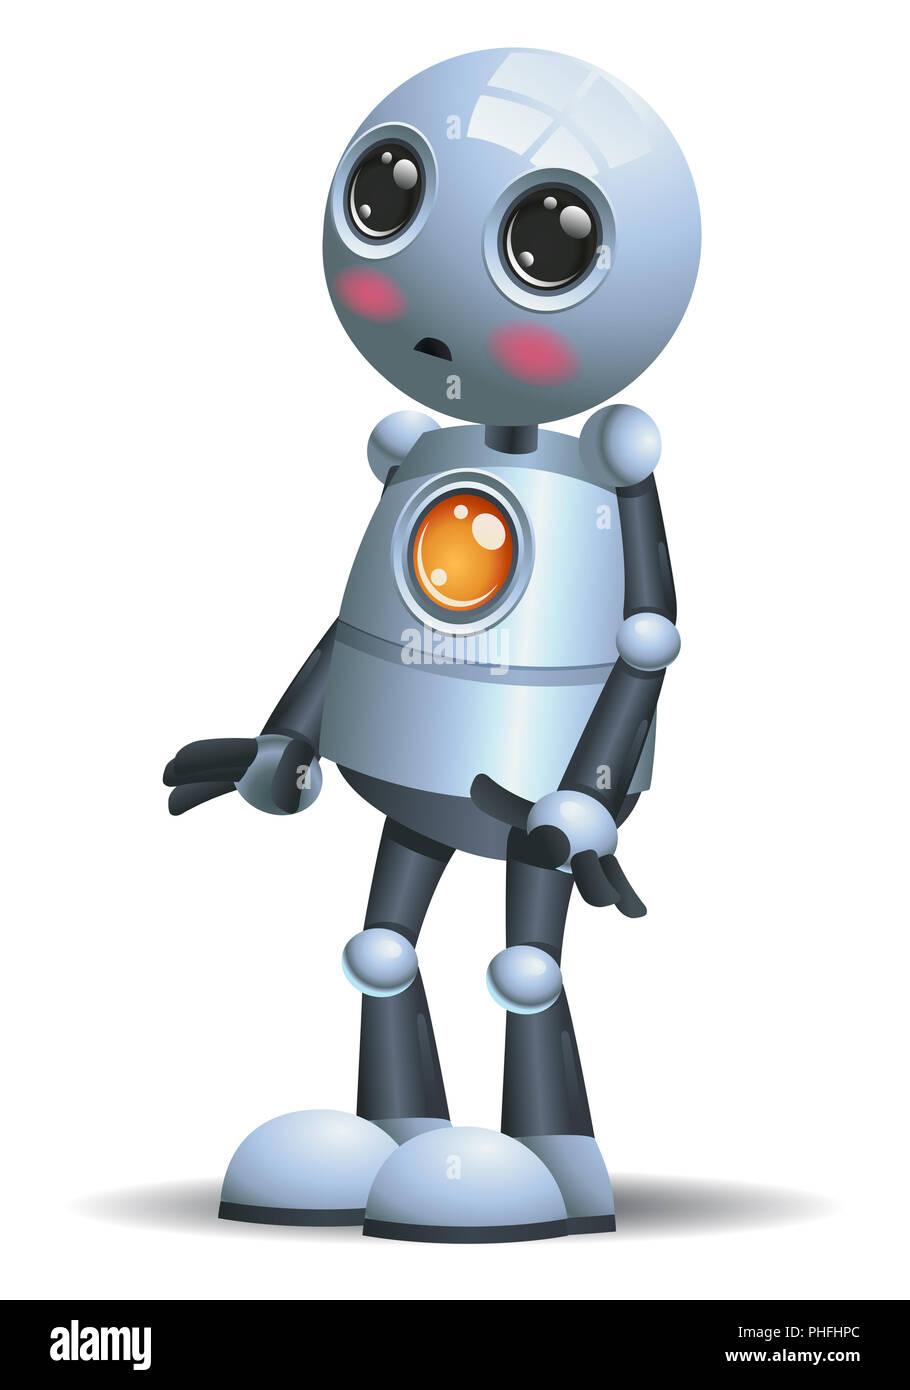 Abbildung eines kleinen Roboter Gefühle schämen auf isolierten weißen Hintergrund Stockbild